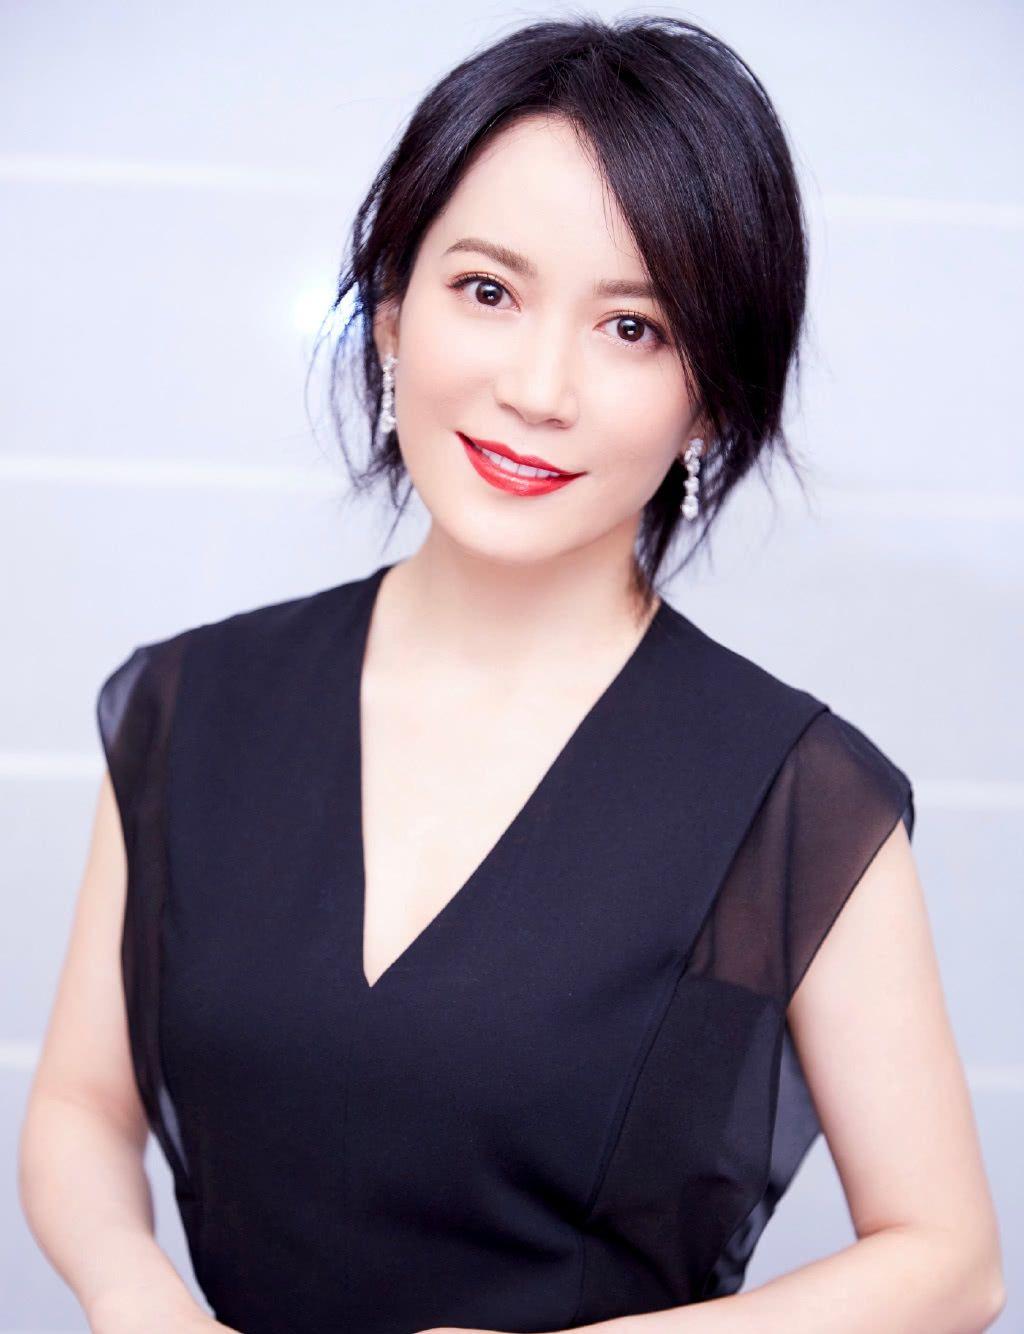 48岁俞飞鸿换新发型,锁骨发搭配黑色连衣裙,居然意外时尚图片